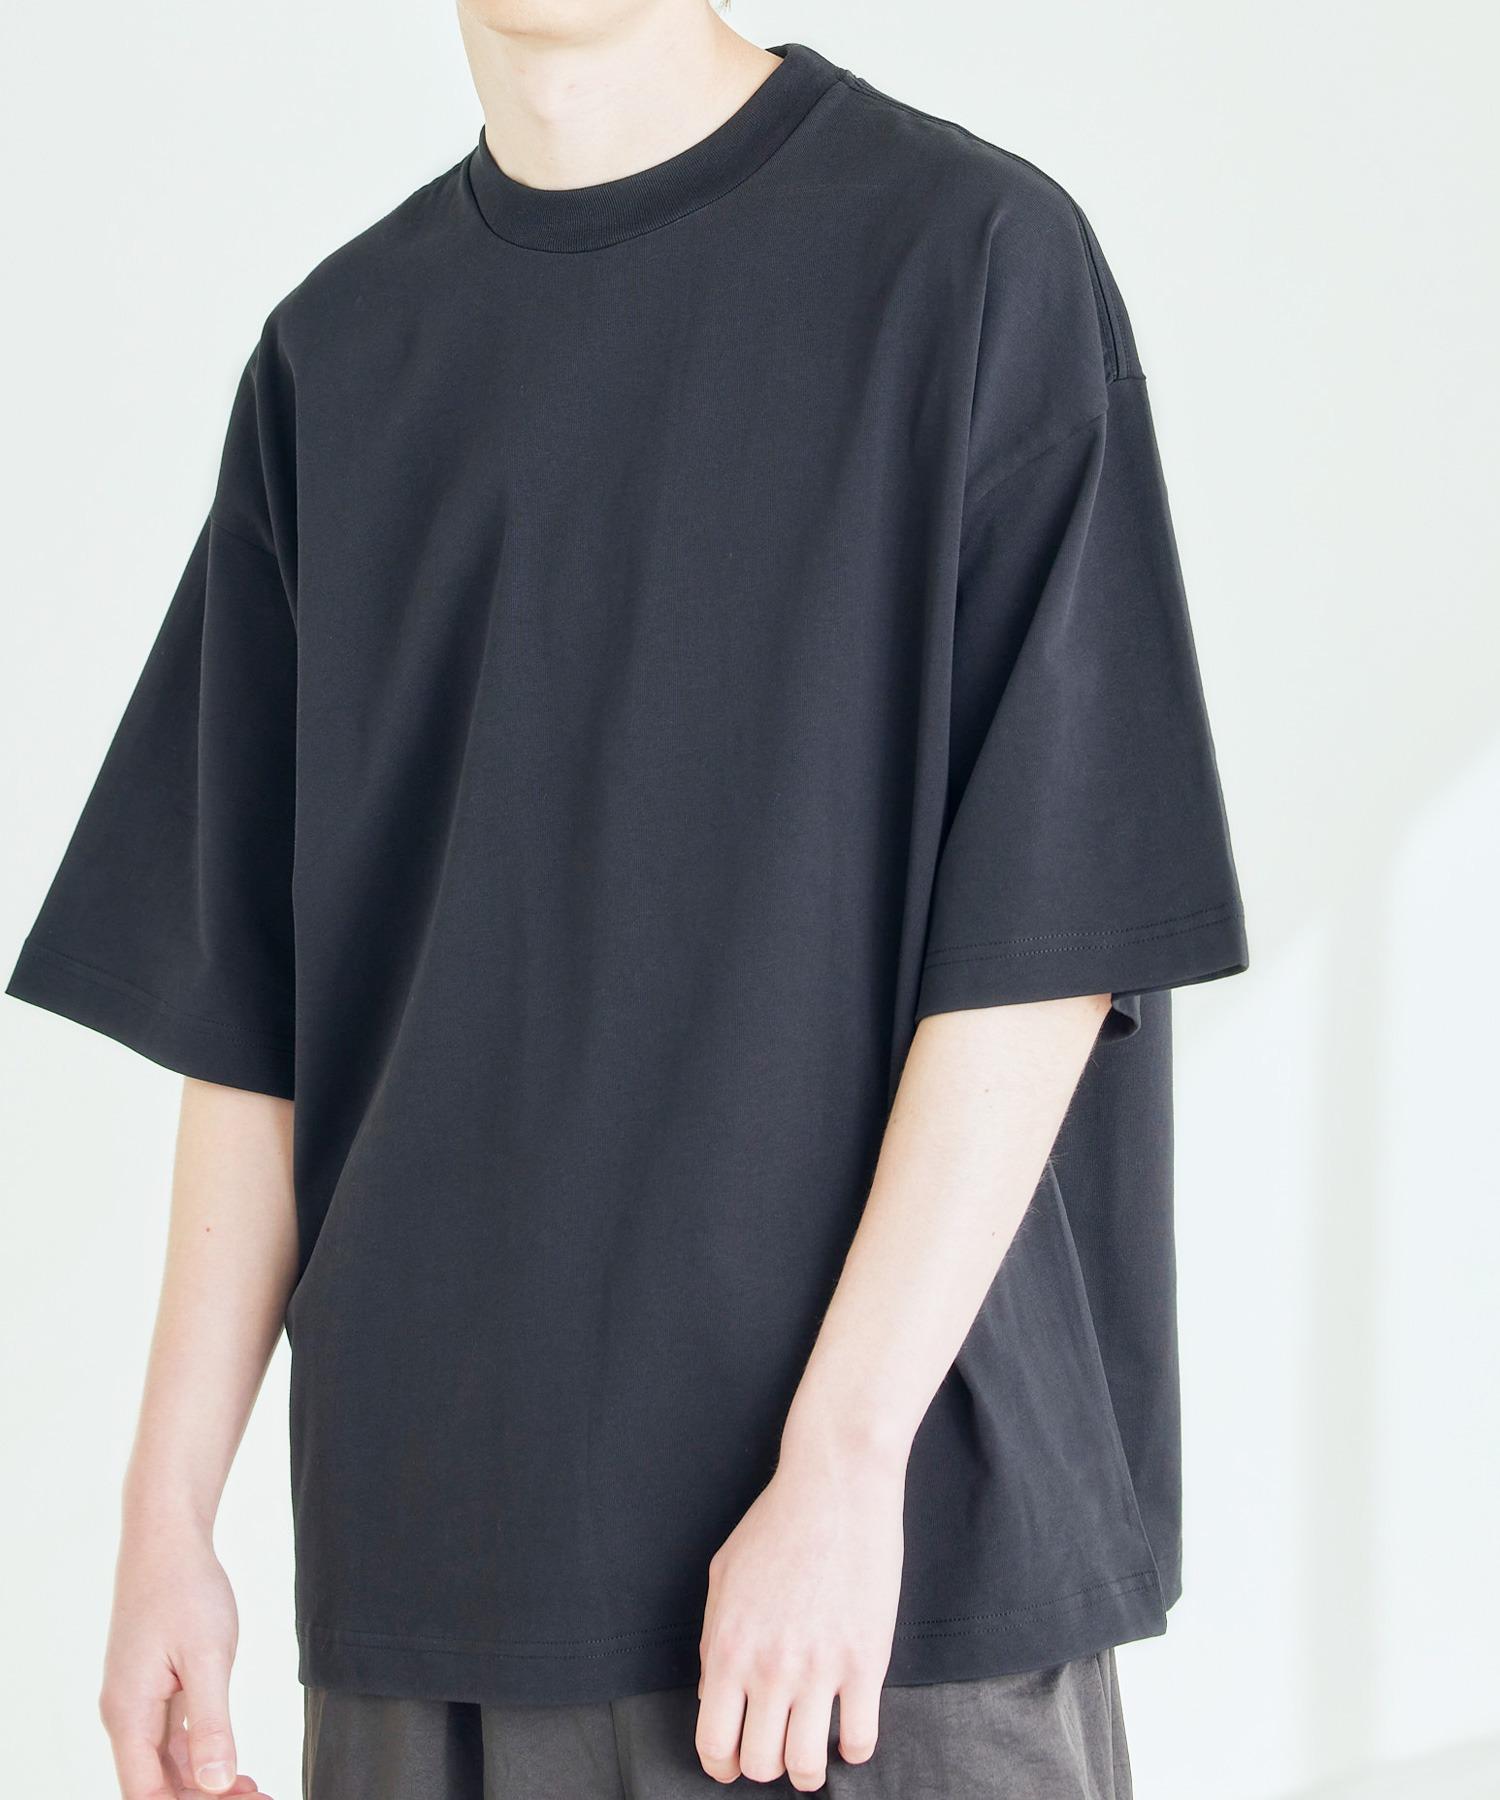 シルケットライク コーマ綿糸度詰め天竺 オーバーサイズ S/S カットソー 無地T トップス Tシャツ  -2021SUMMER-